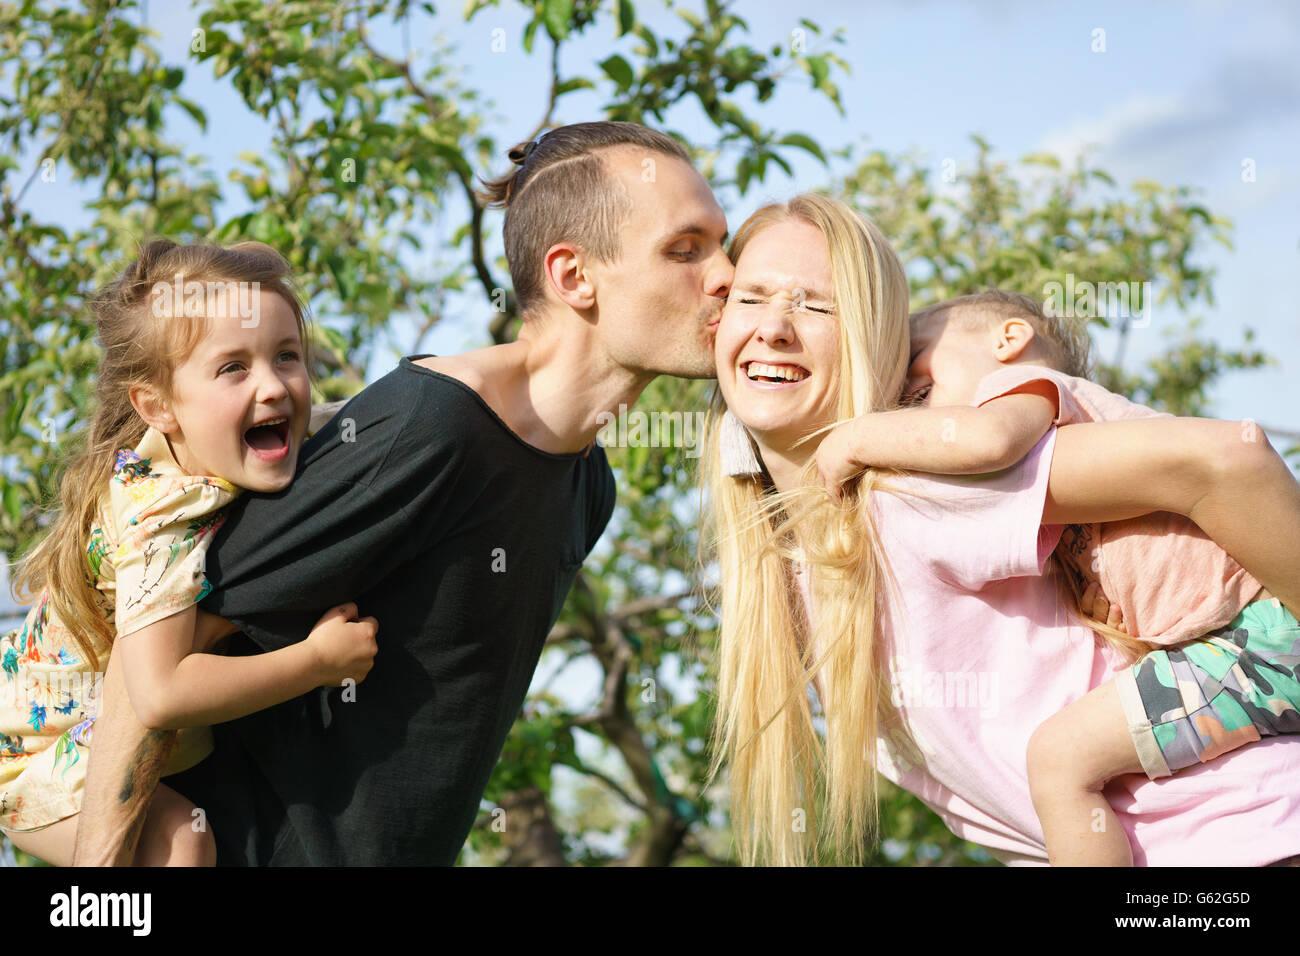 Porträt einer glücklichen Familie im freien Stockfoto